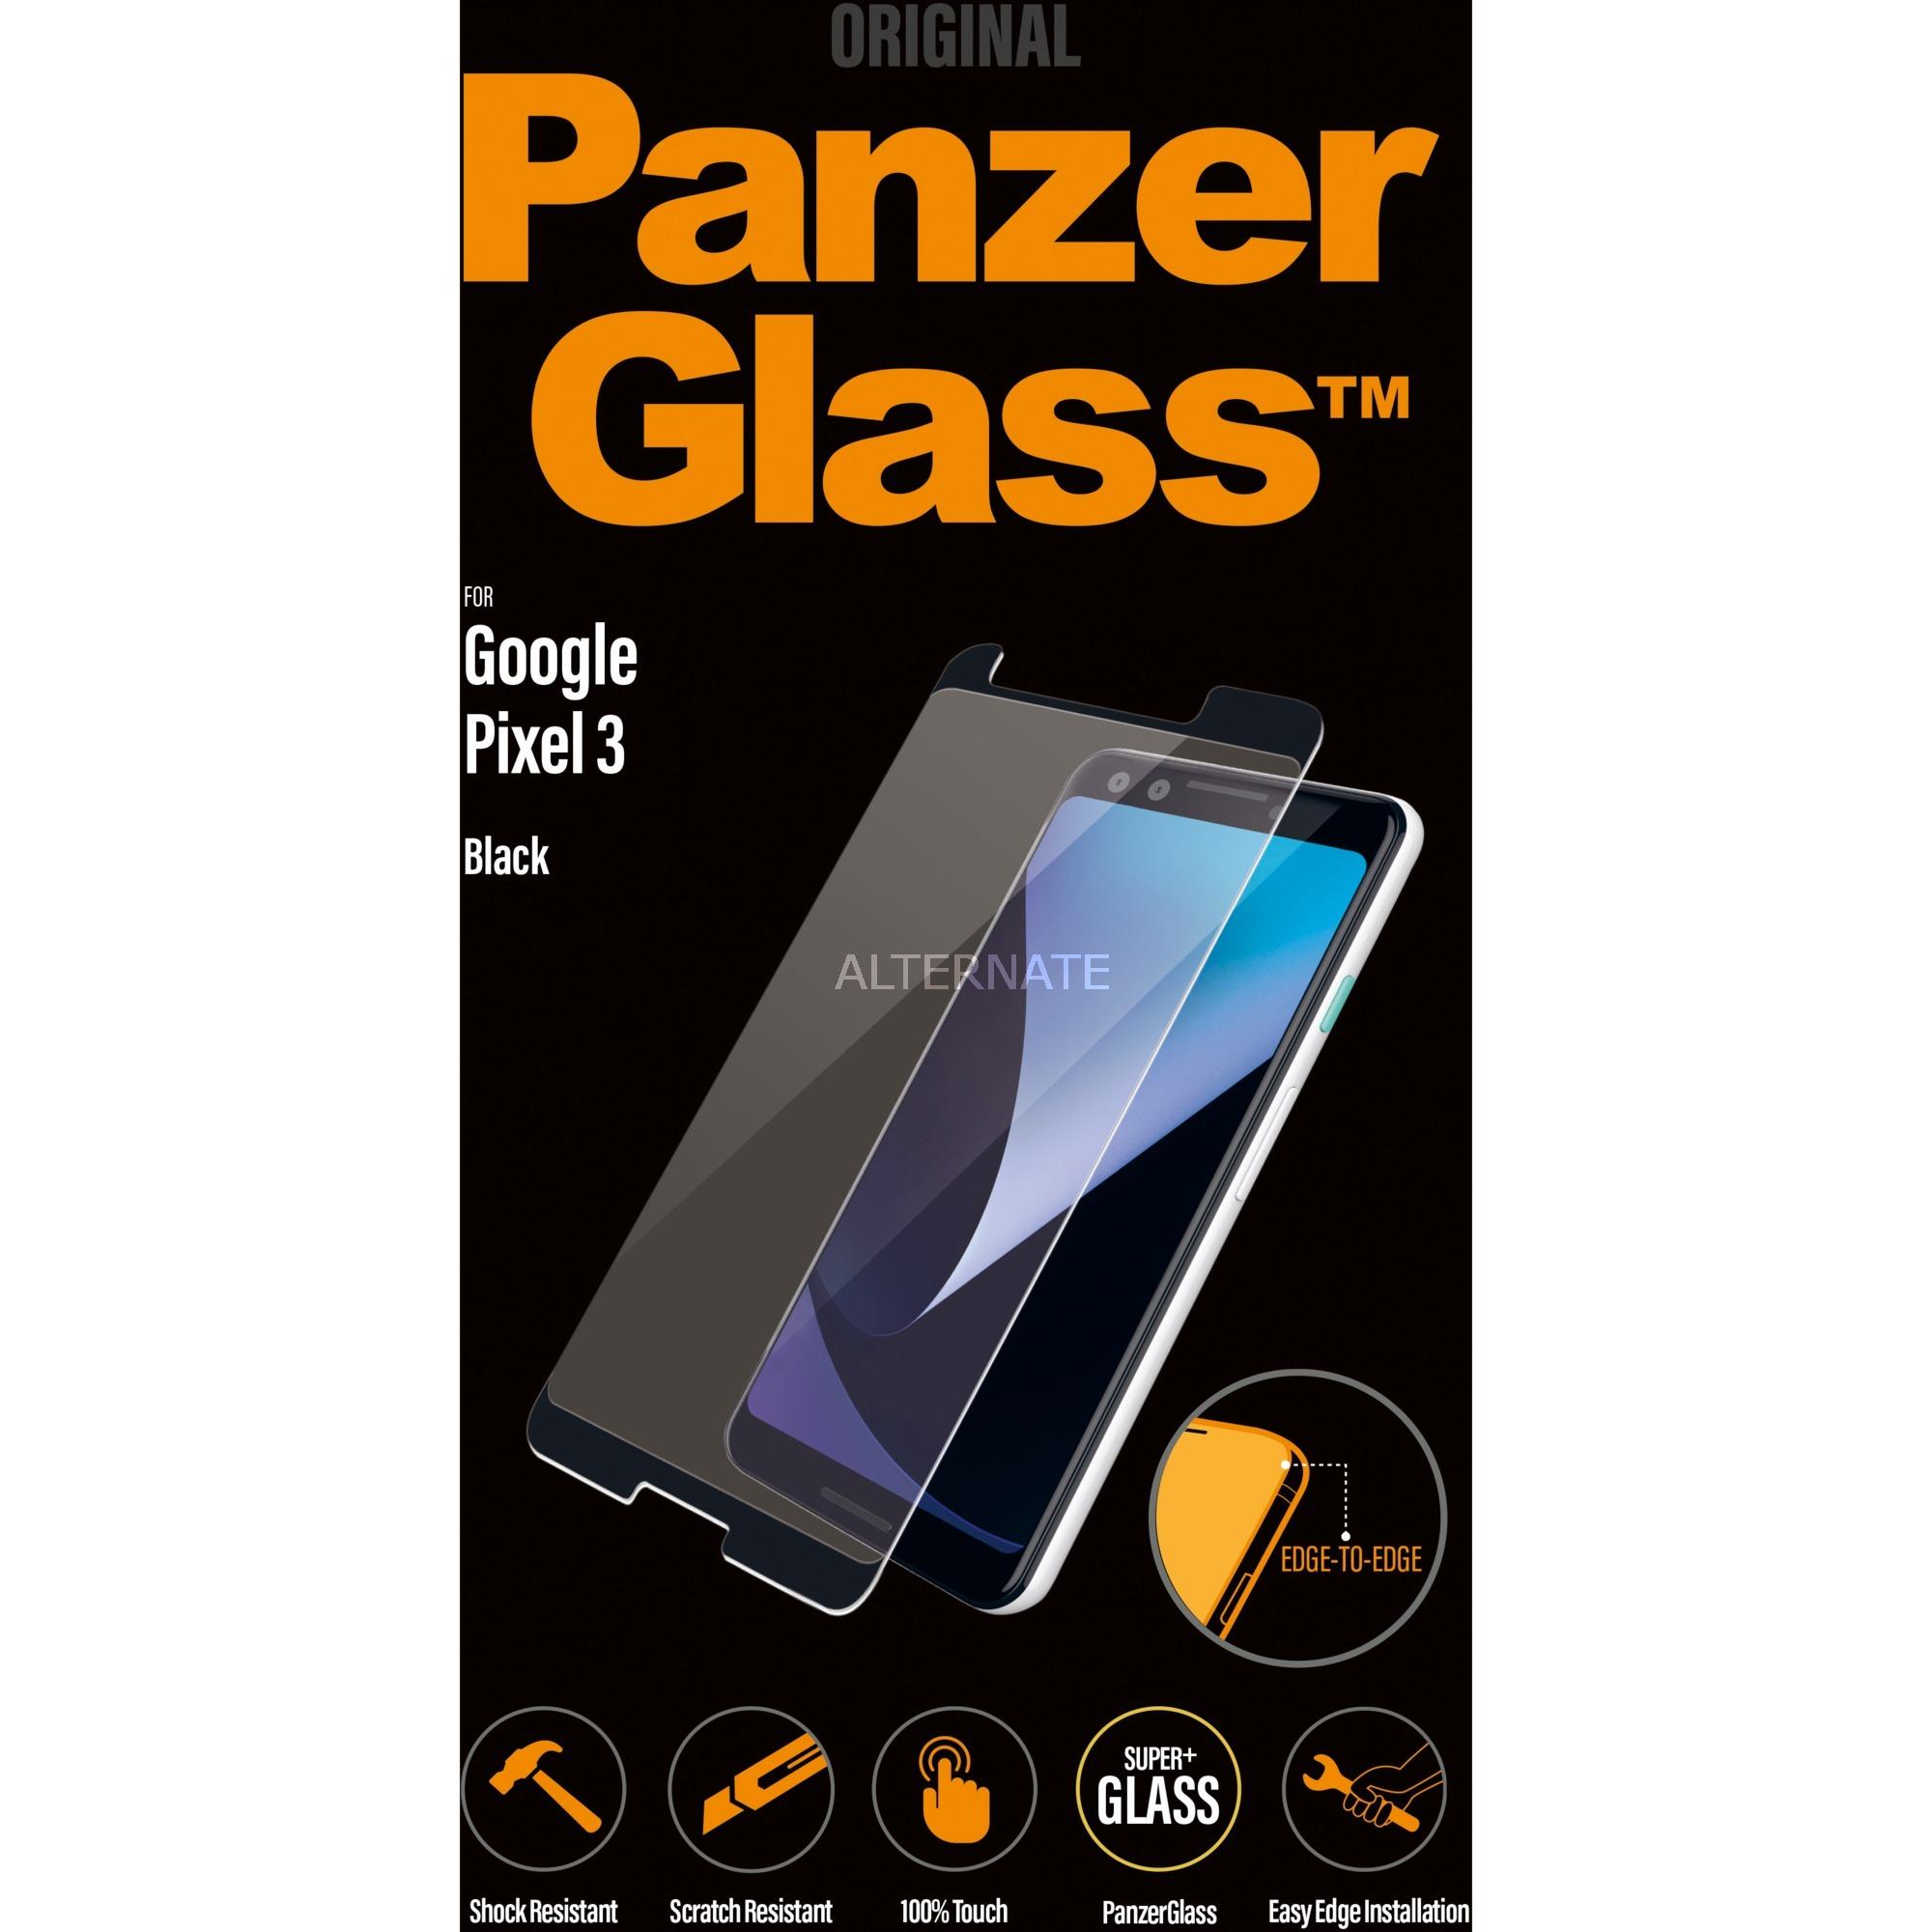 4755 protector de pantalla Teléfono móvil/smartphone Google 1 pieza(s), Película protectora